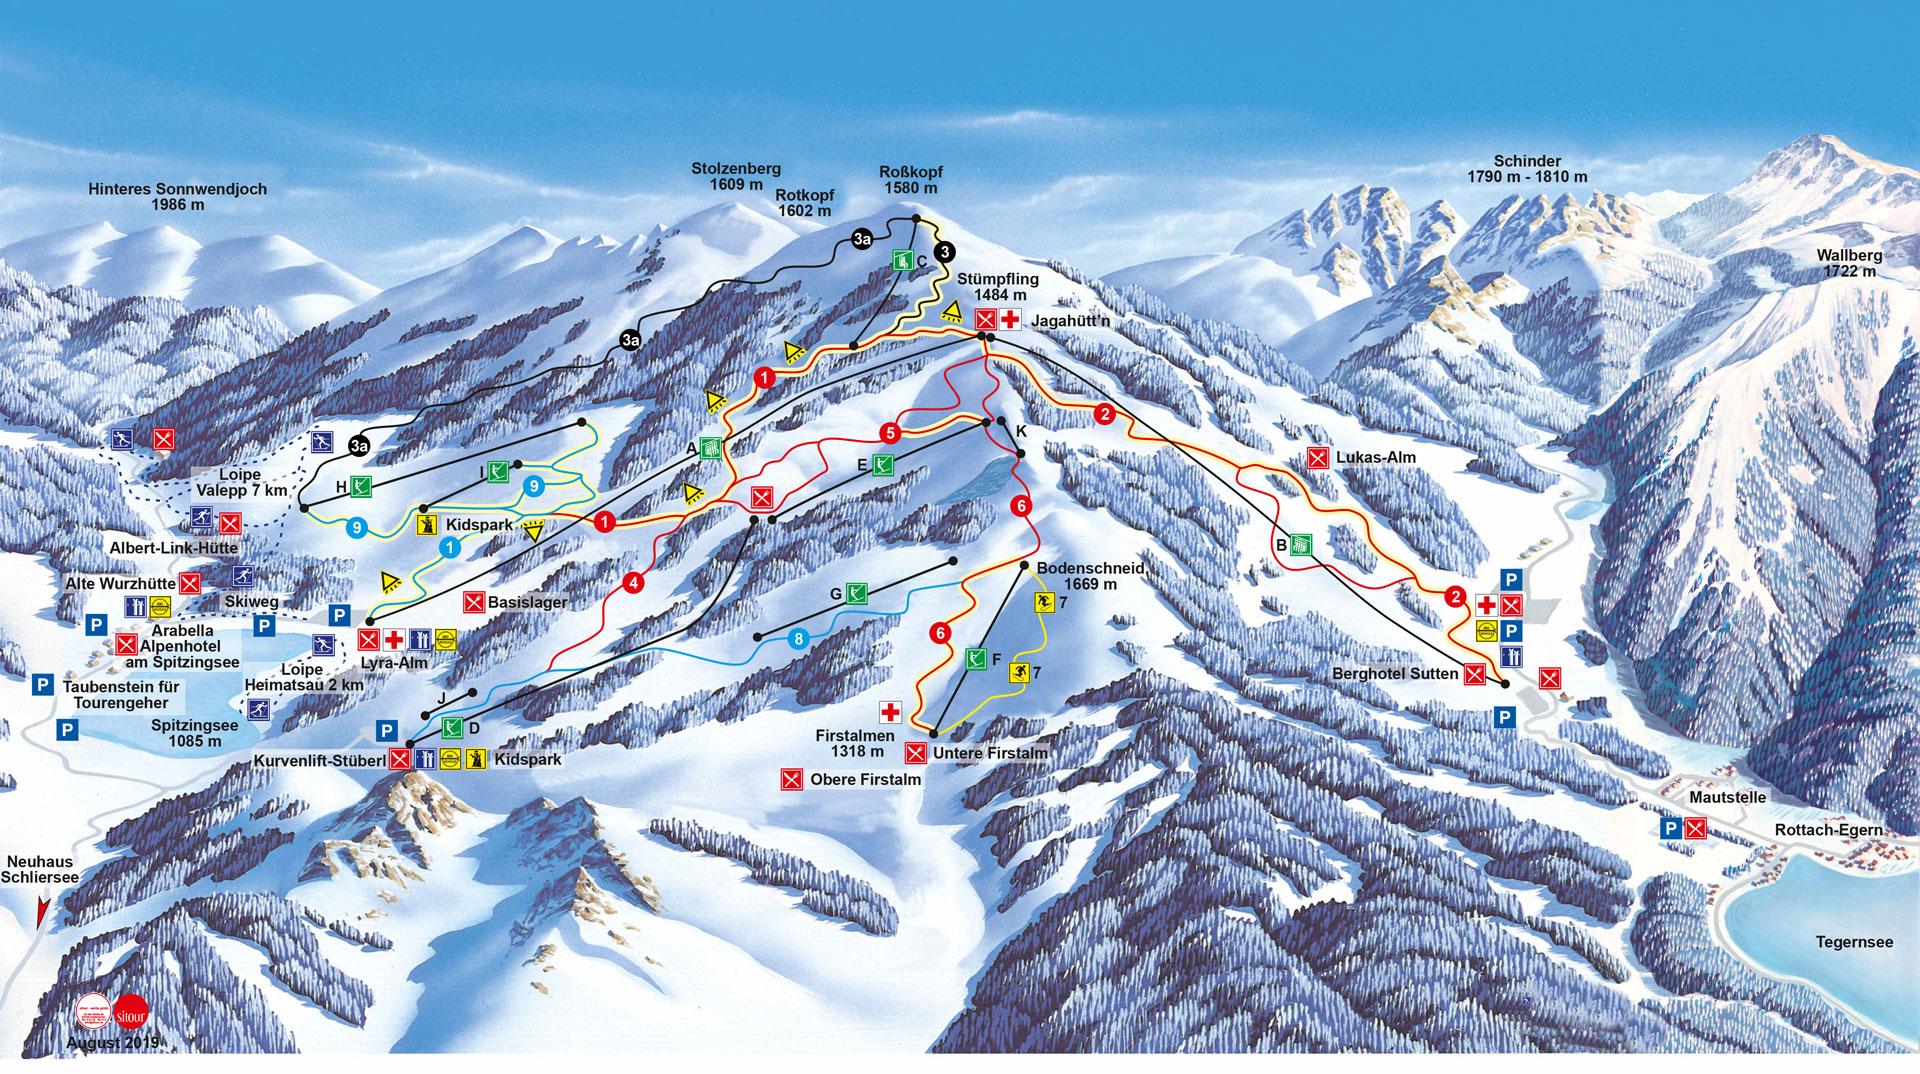 Panorama und Pistenplan Skigebiet Spitzingsee -Tegernsee 2019/20